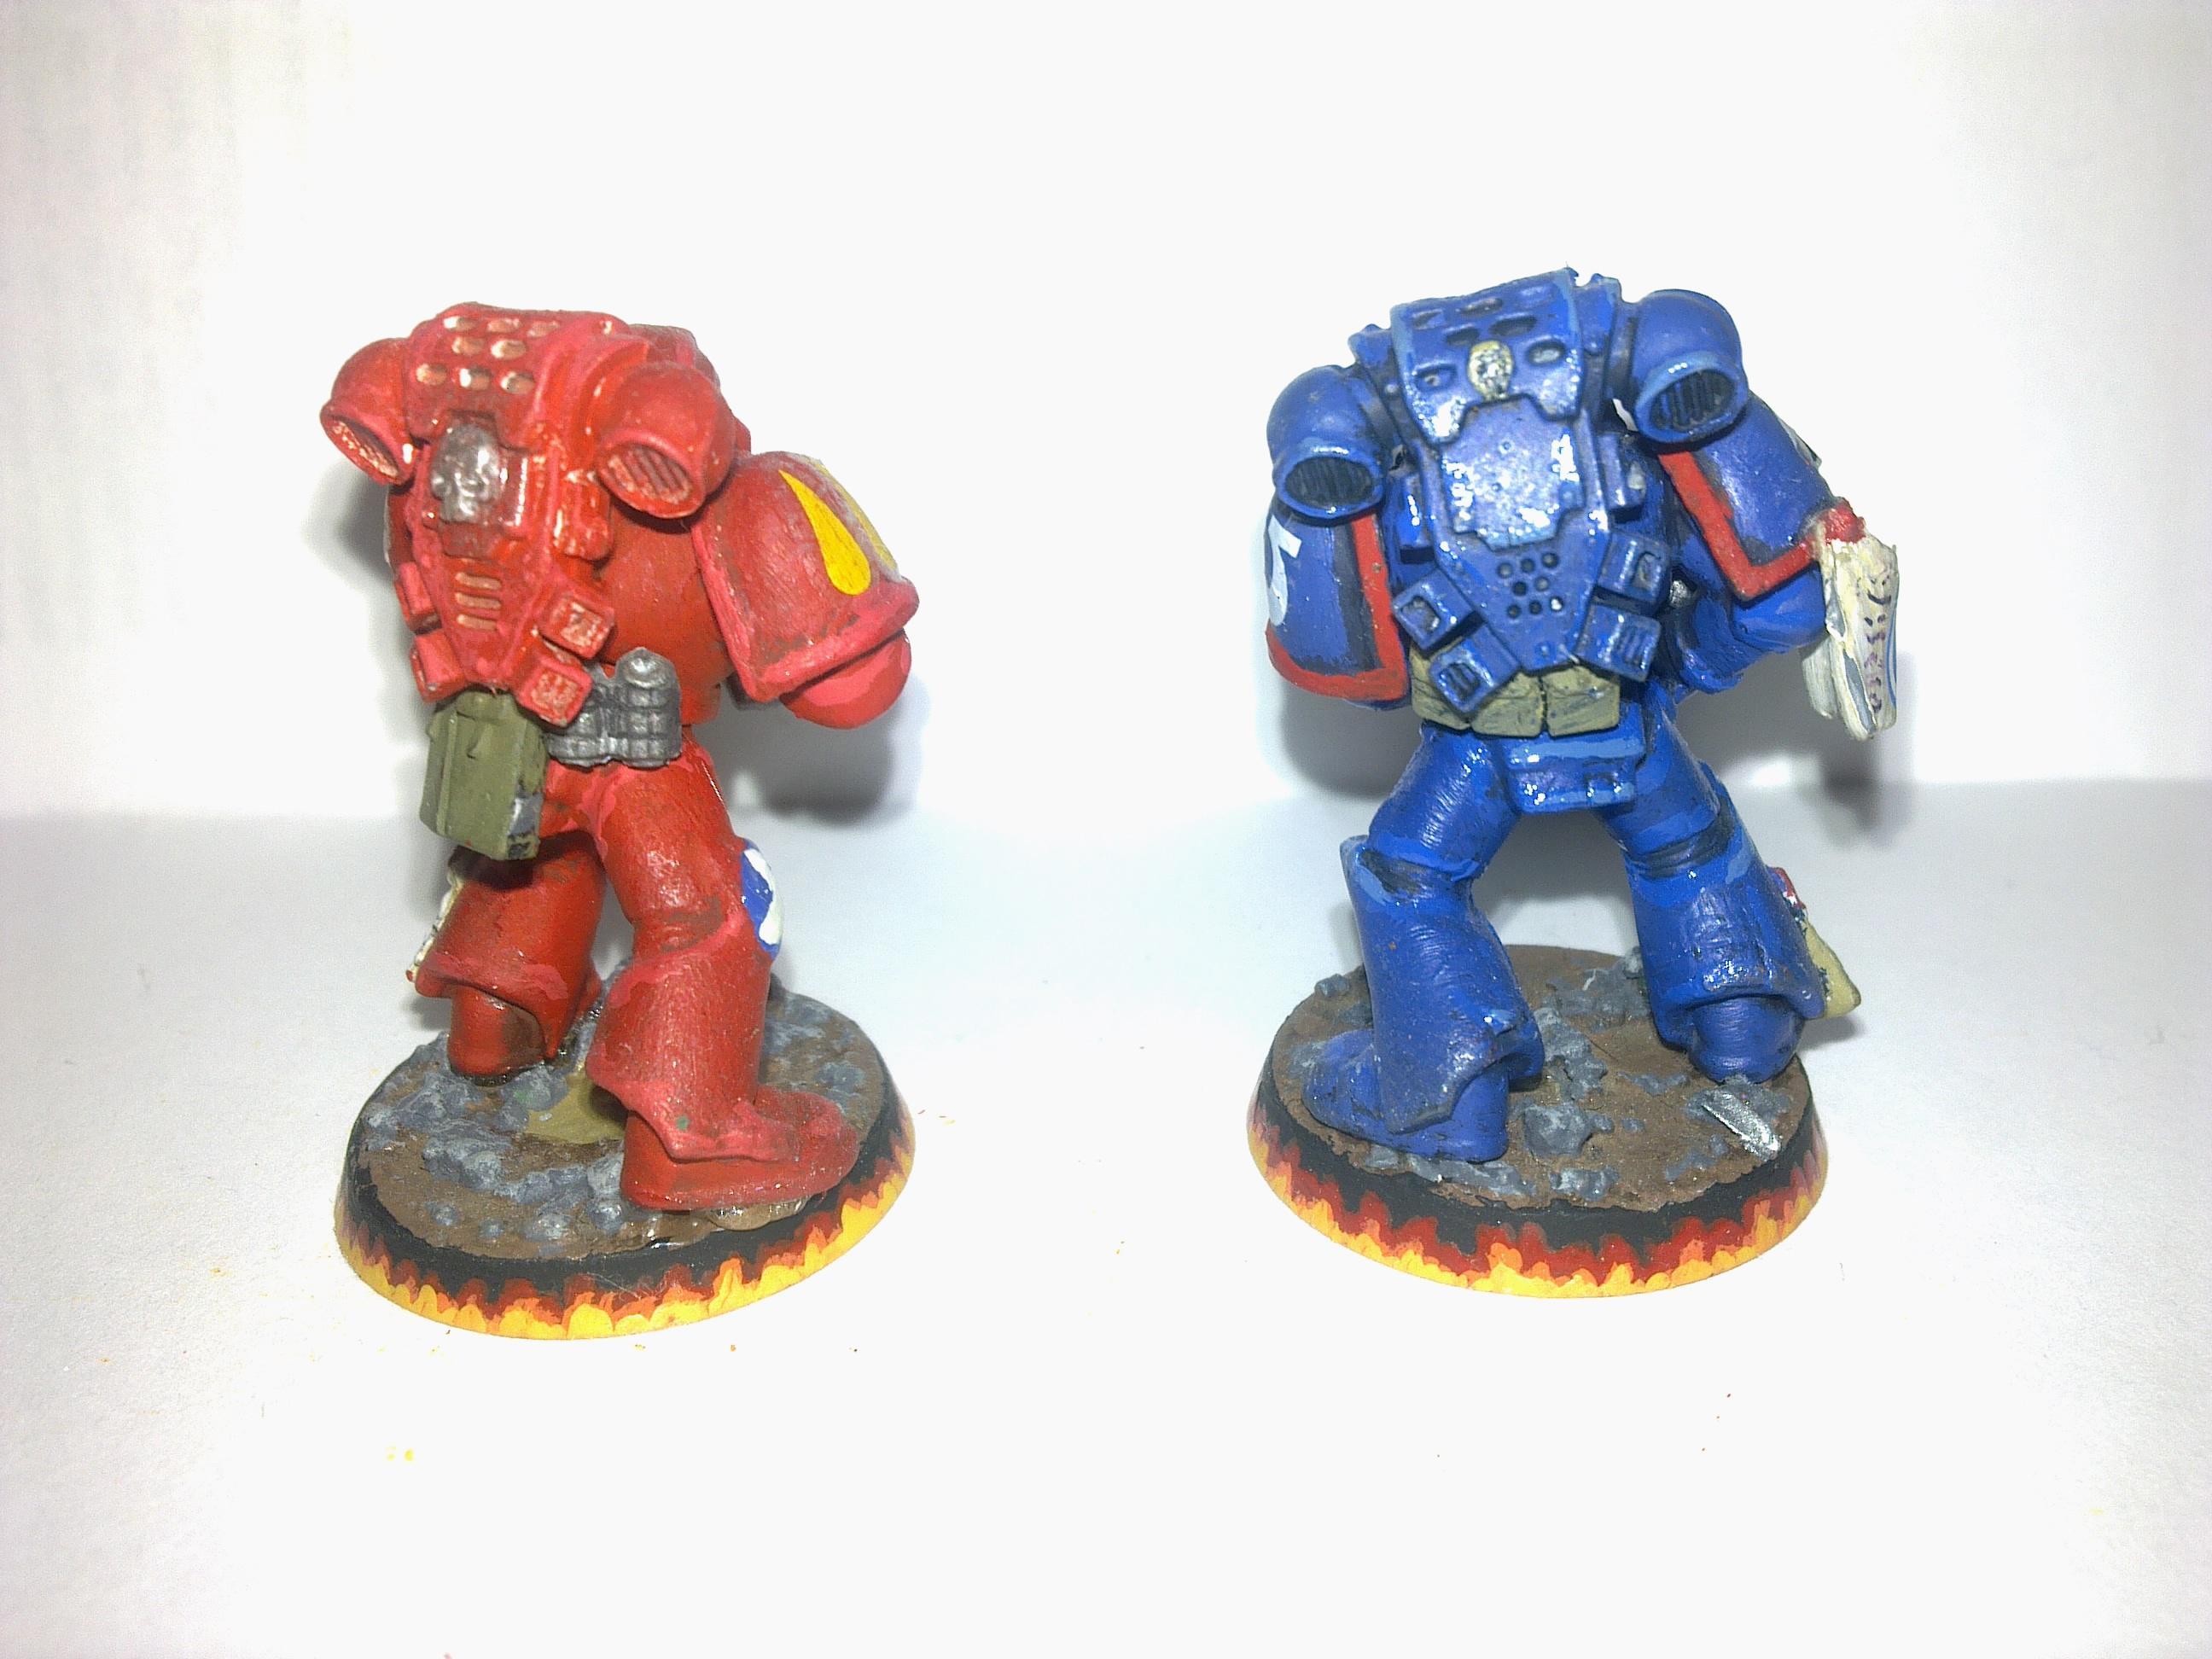 Spacemarine. Blood Angel, Ultramarines, Warhammer 40,000